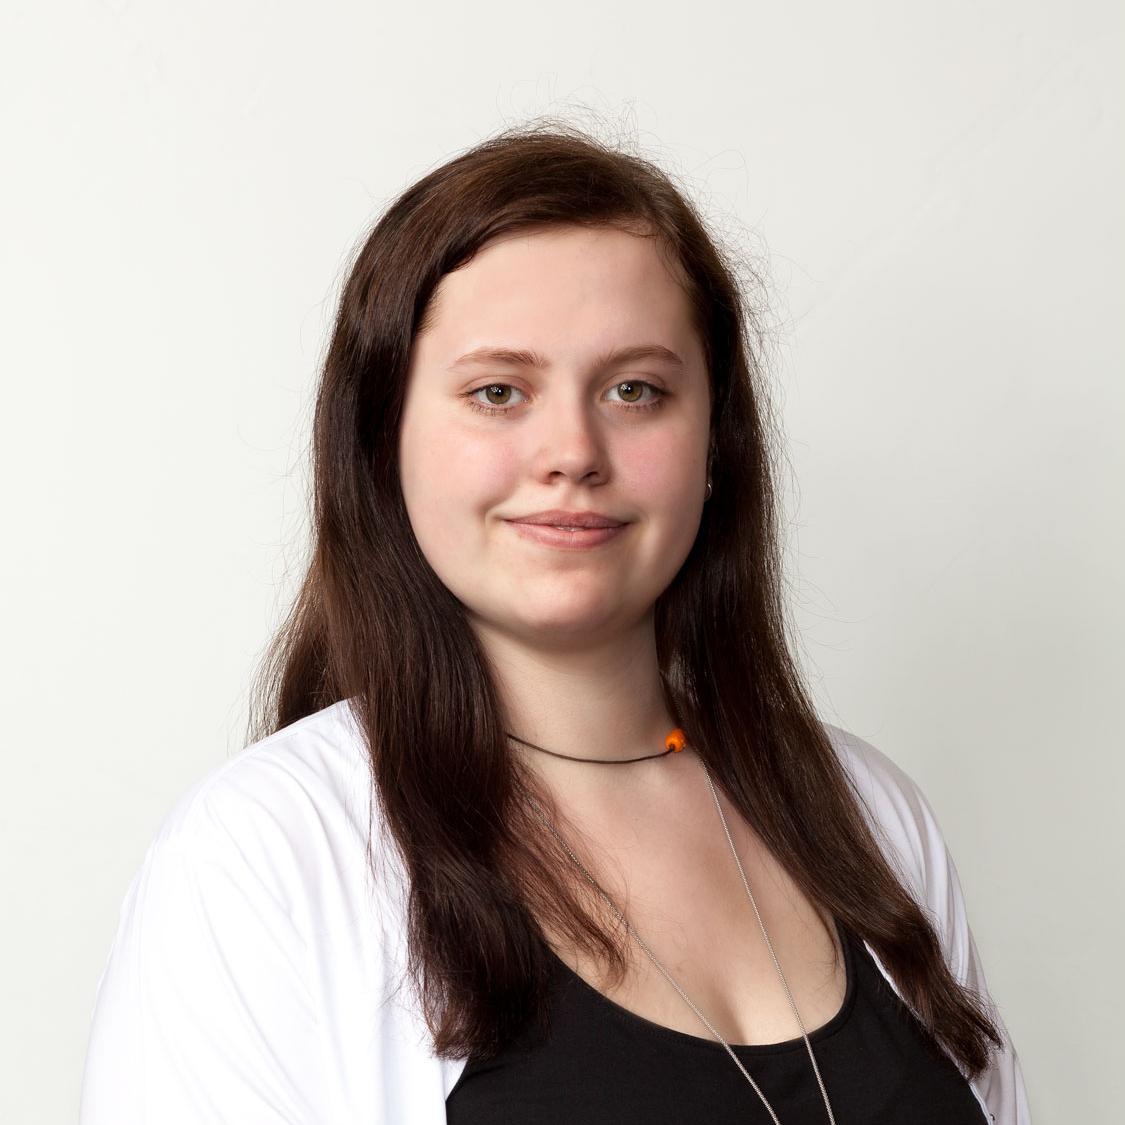 Porträtfoto von Antje Echtermeyer